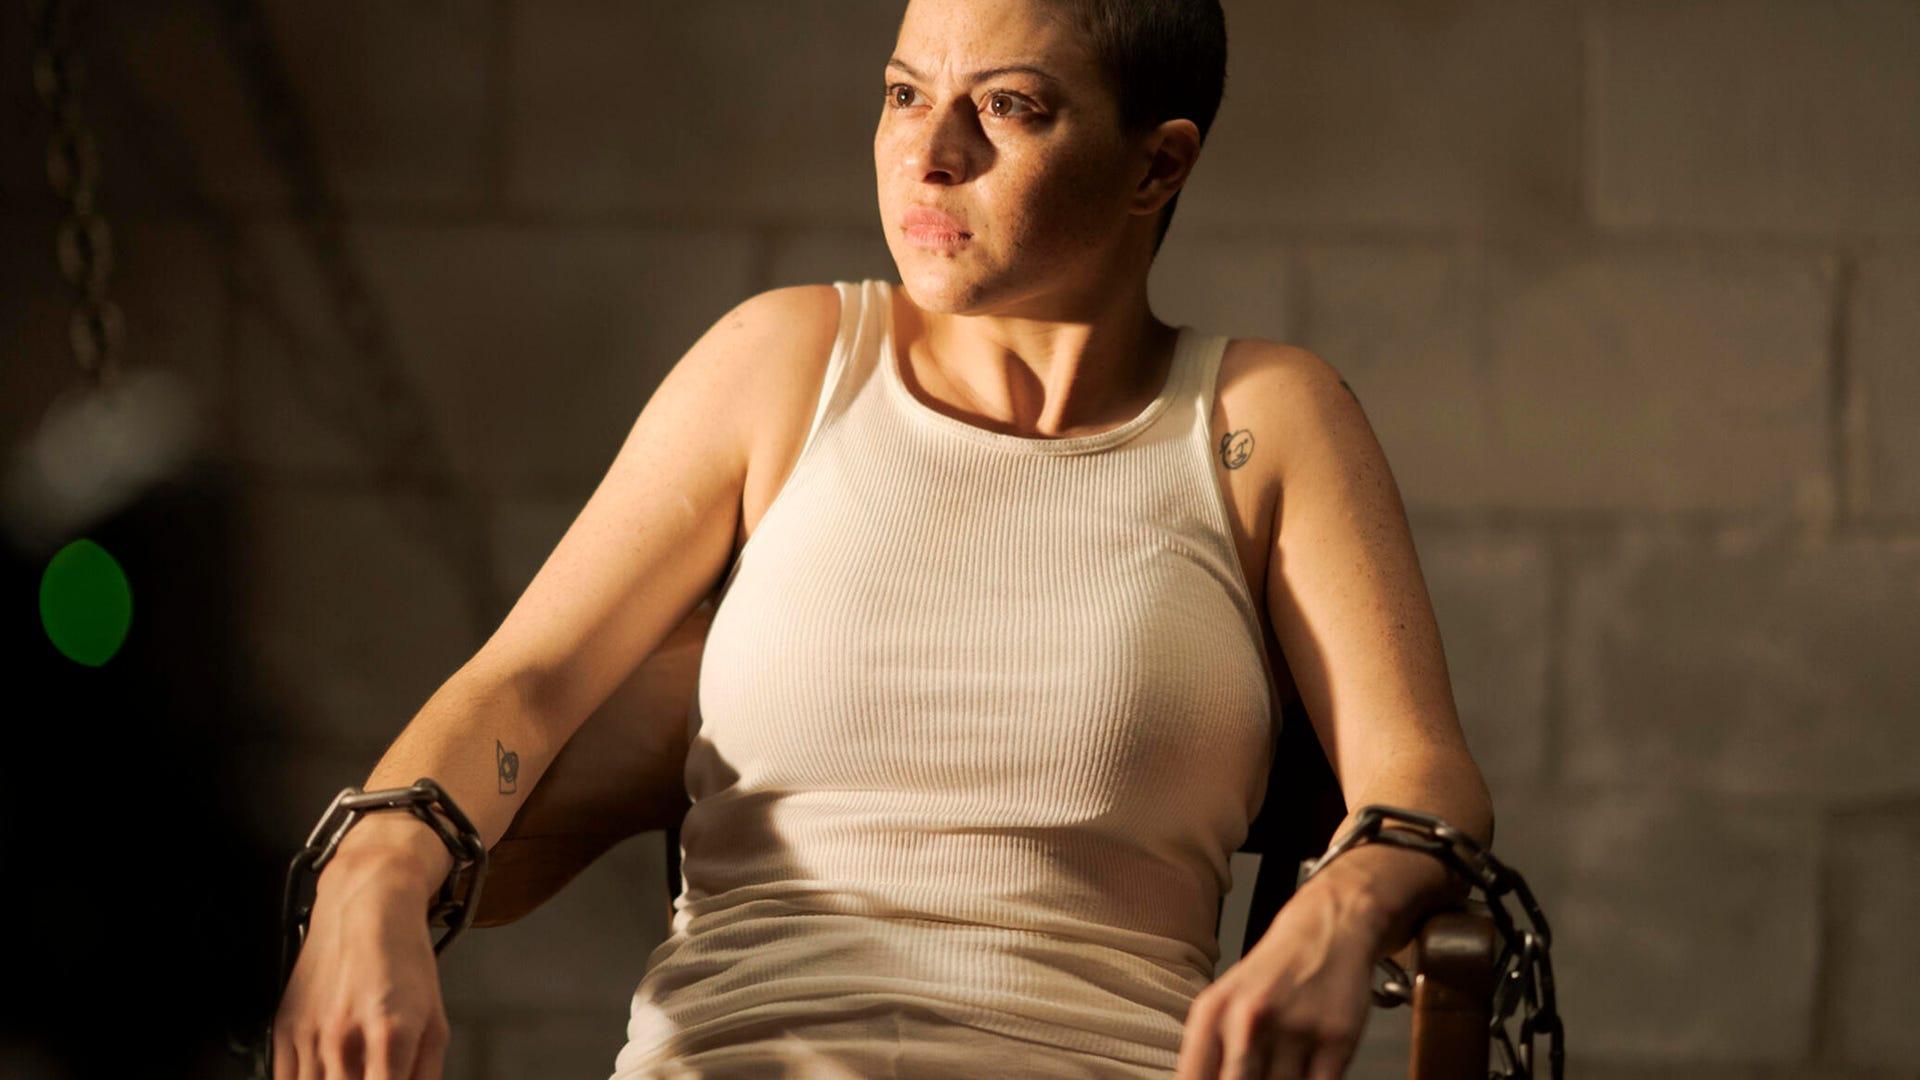 Alia Shawkat, Search Party